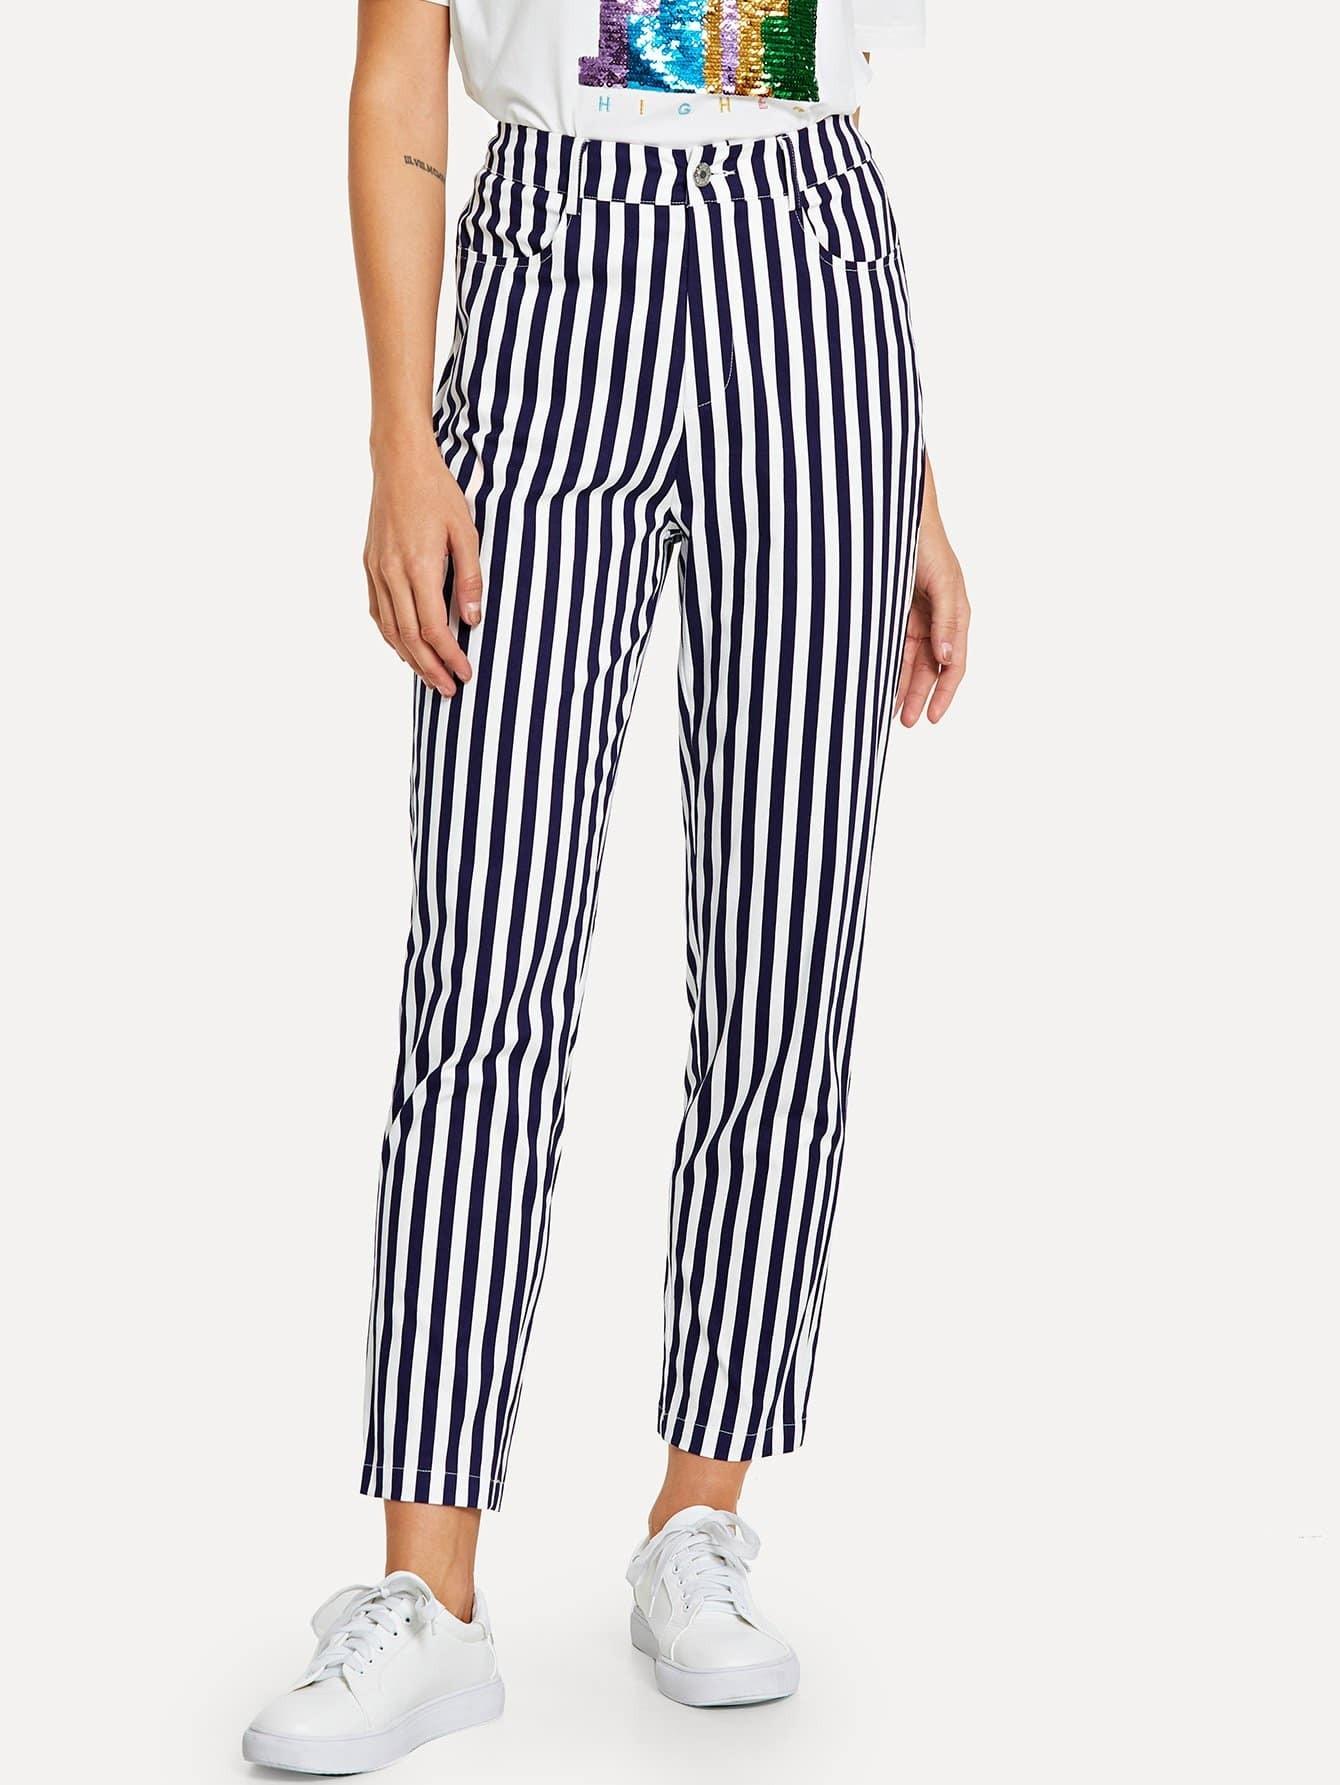 Купить Бумажные полосатые штаны для печати, Masha, SheIn